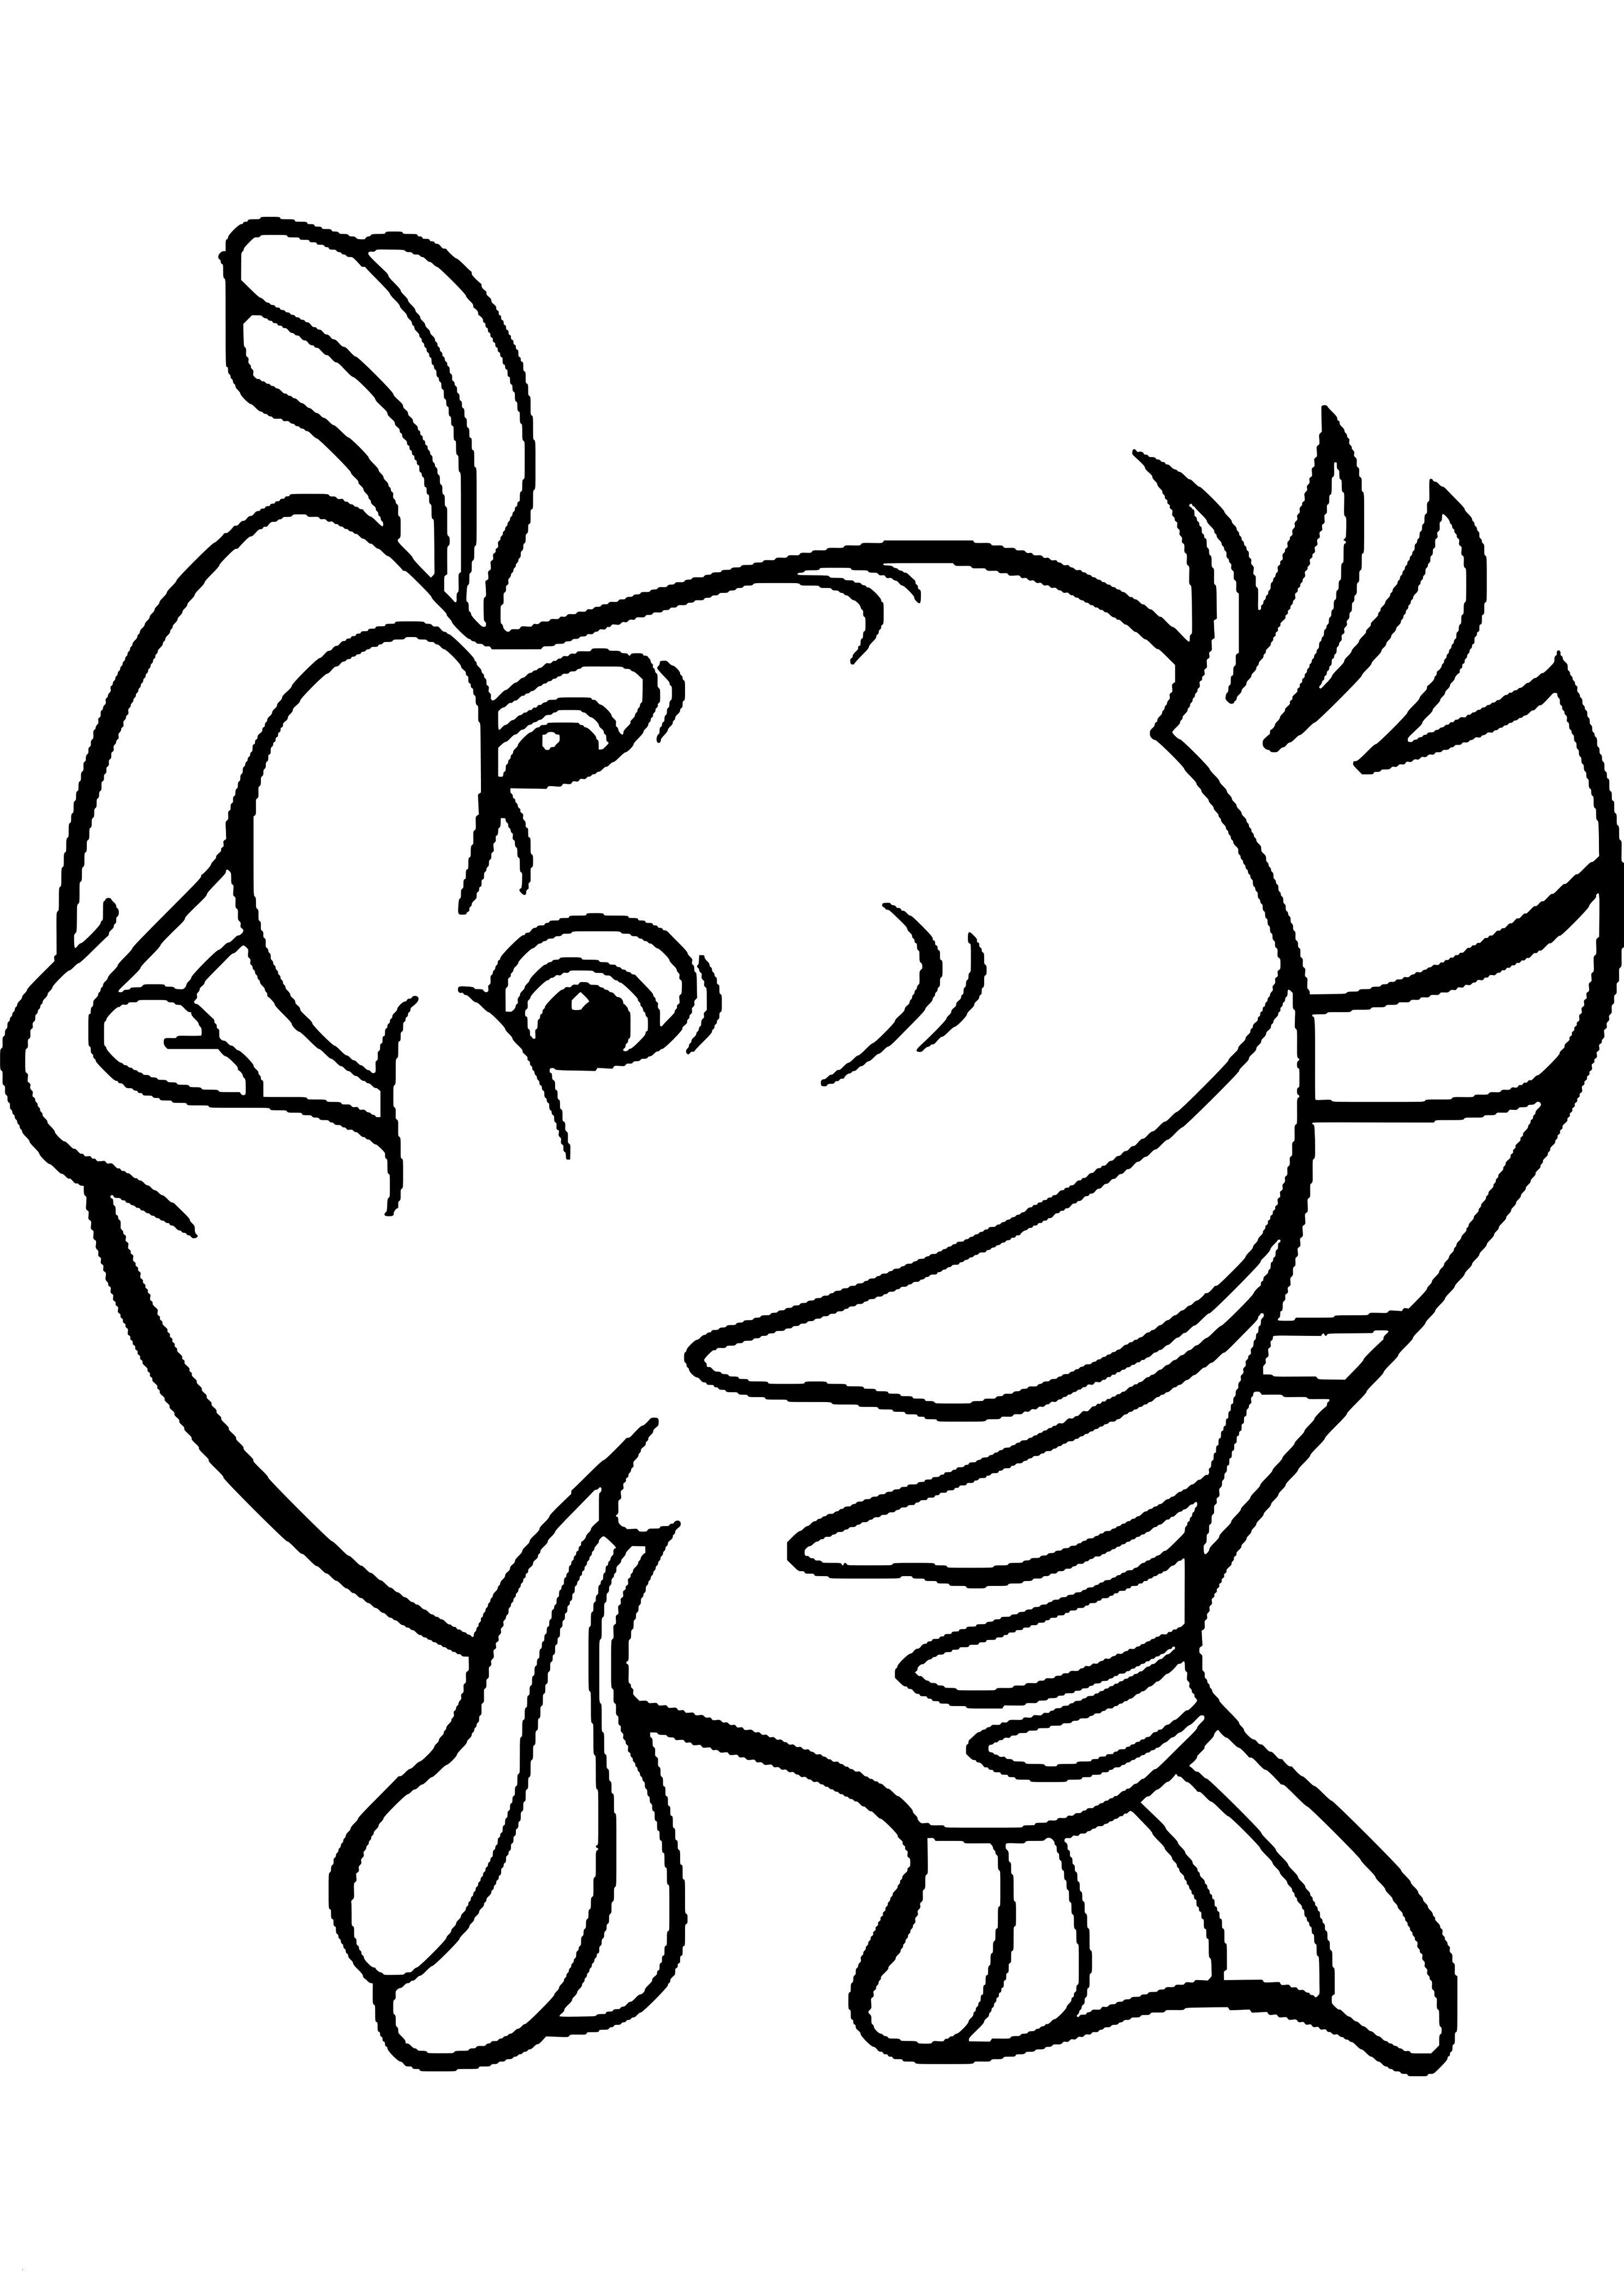 Fische Bilder Zum Ausdrucken Neu Ausmalbilder Weihnachten Schneemann Luxus Igel Grundschule 0d Frisch Bild